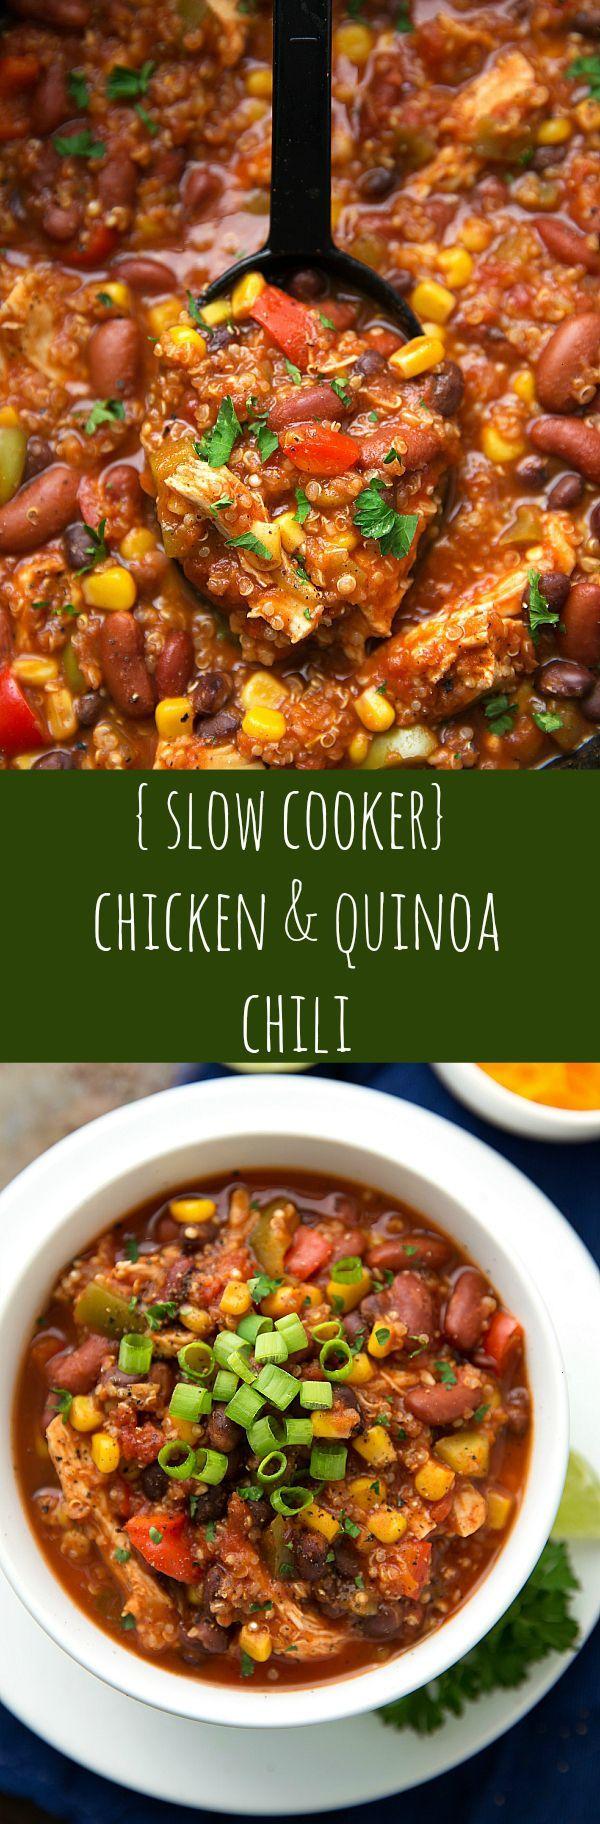 Crockpot Chicken and Quinoa Chili - healthy and delicious!